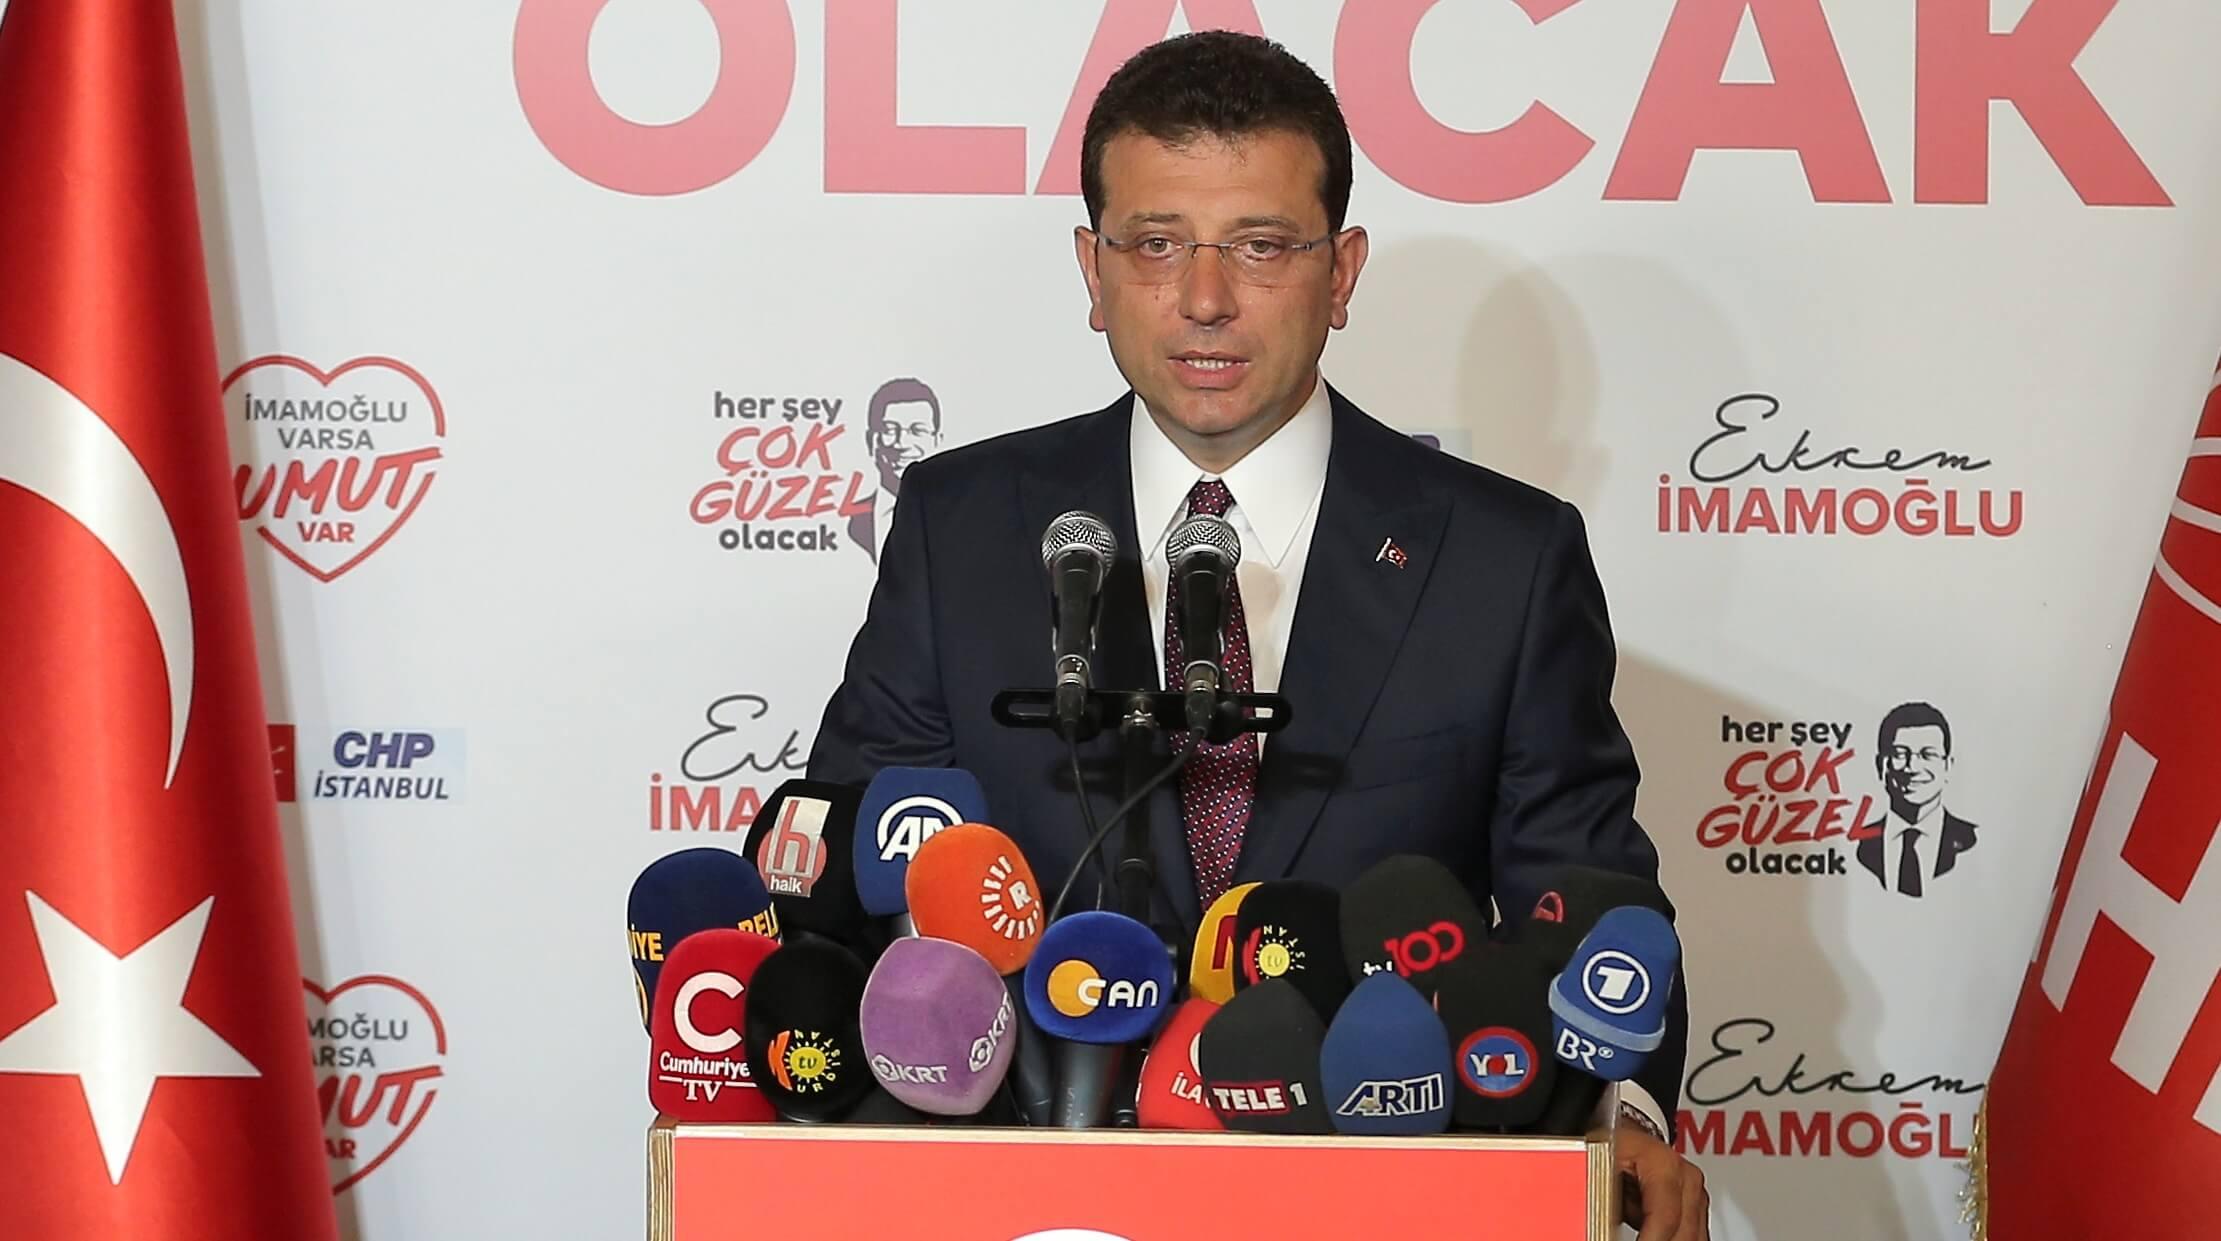 Και επίσημα δήμαρχος Κωνσταντινούπολης για… δεύτερη φορά ο Ιμάμογλου